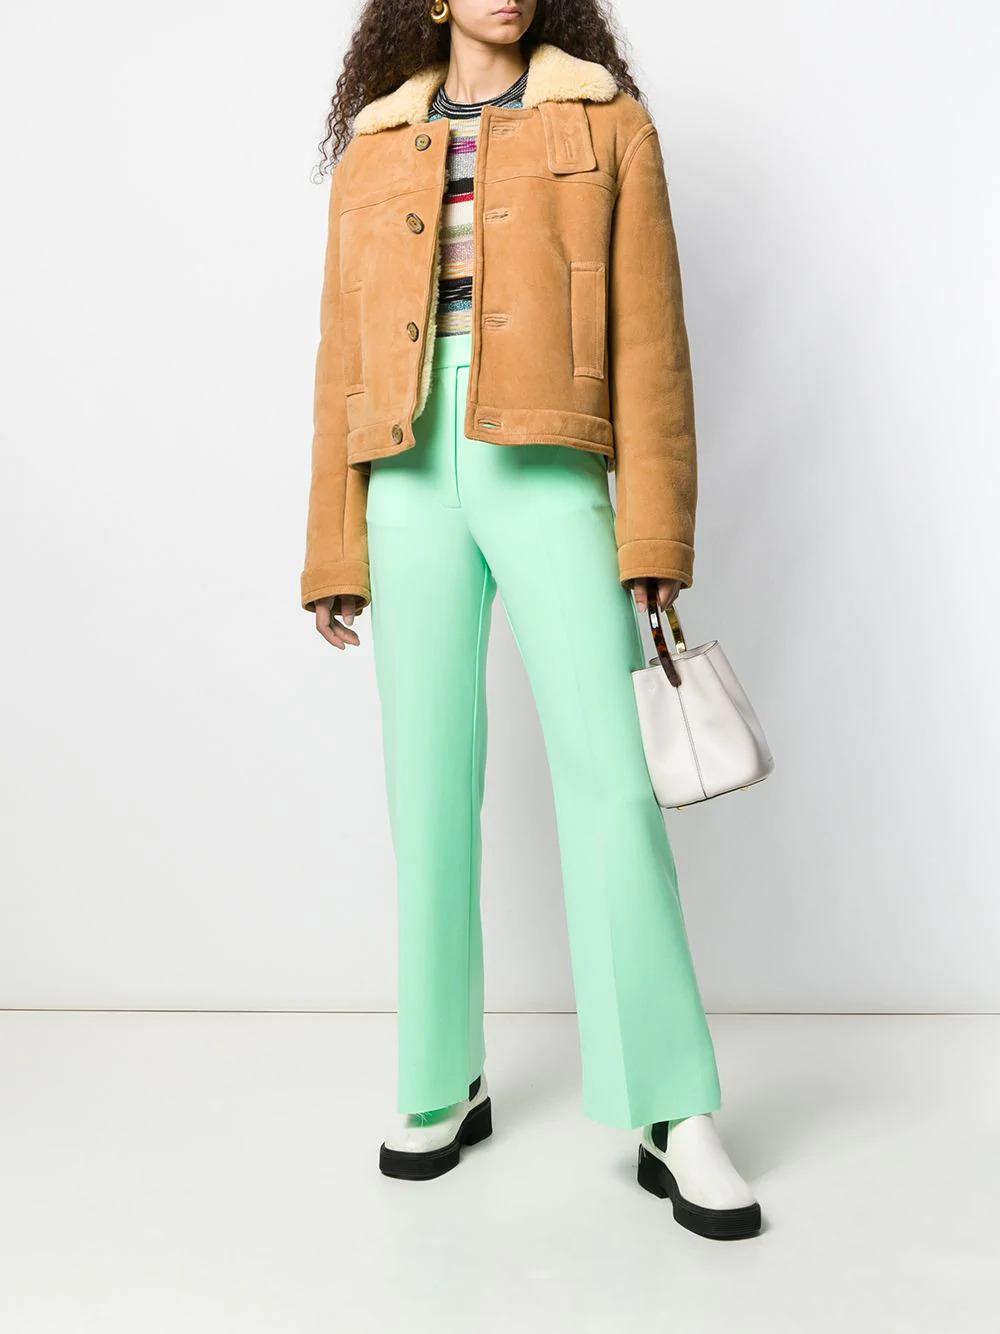 shearling-button-up-short-fur-coat